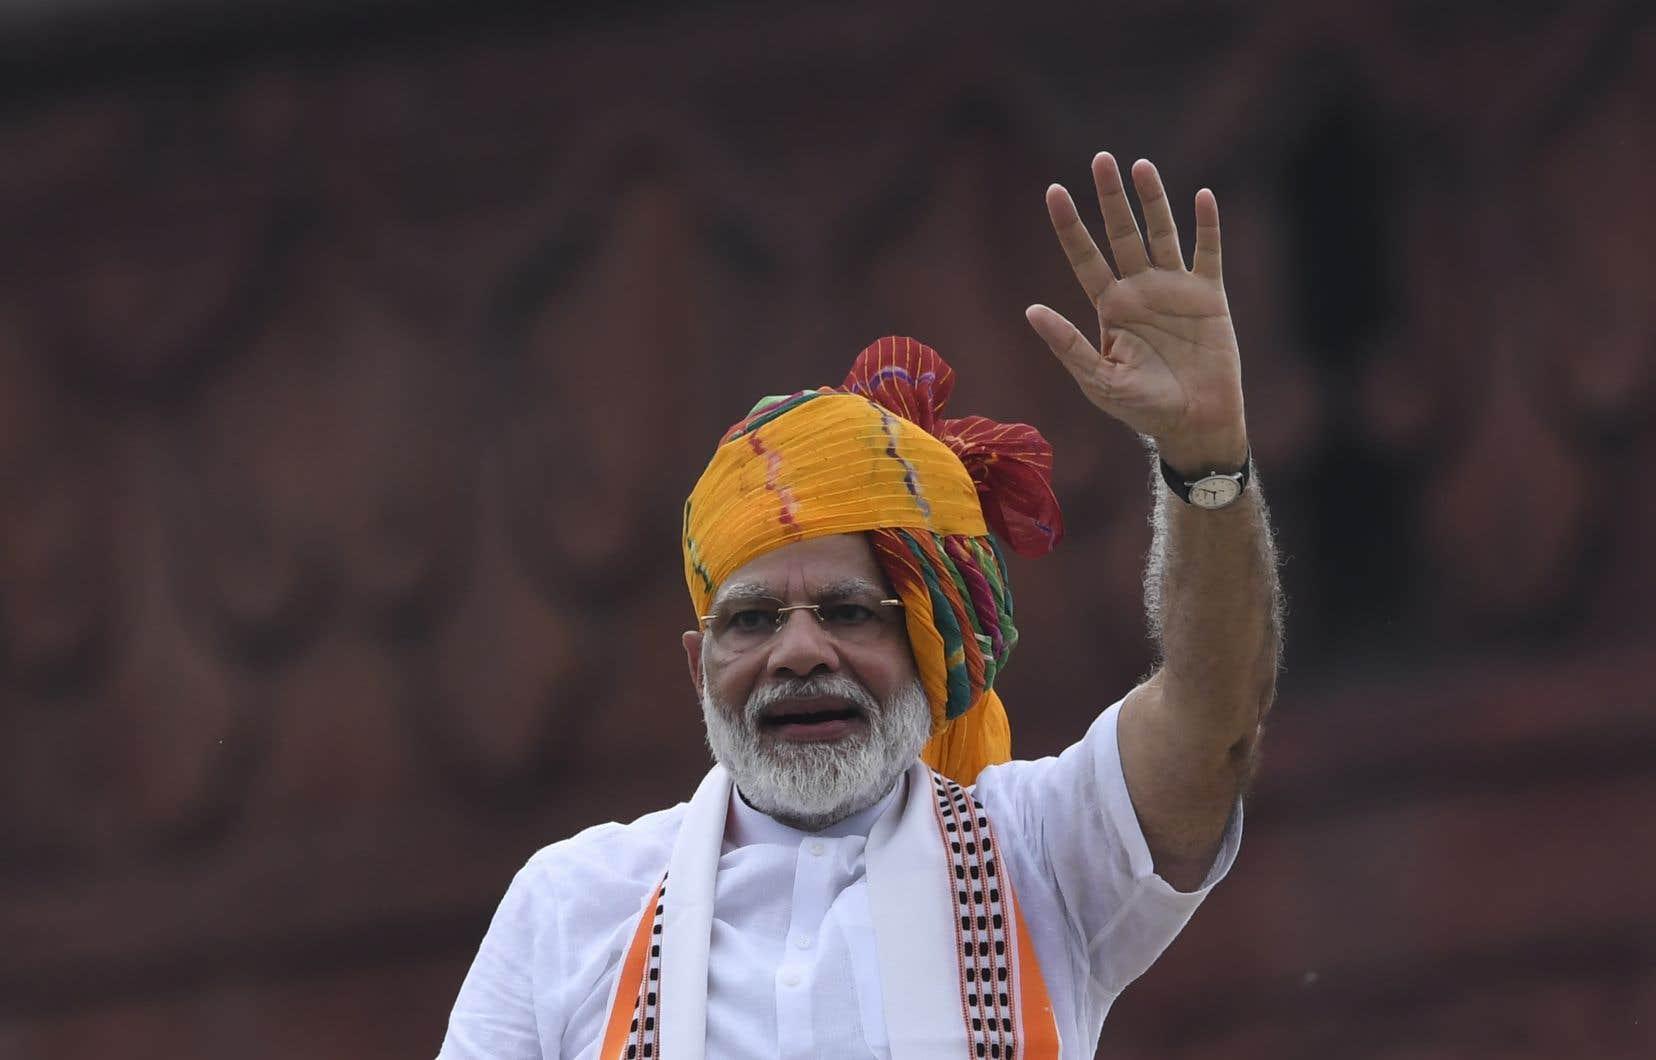 À l'occasion du Jour de l'indépendance de l'Inde, le premier ministre Narendra Modi a clamé faire oeuvre de «pionnier» dans le dossier du Cachemire.